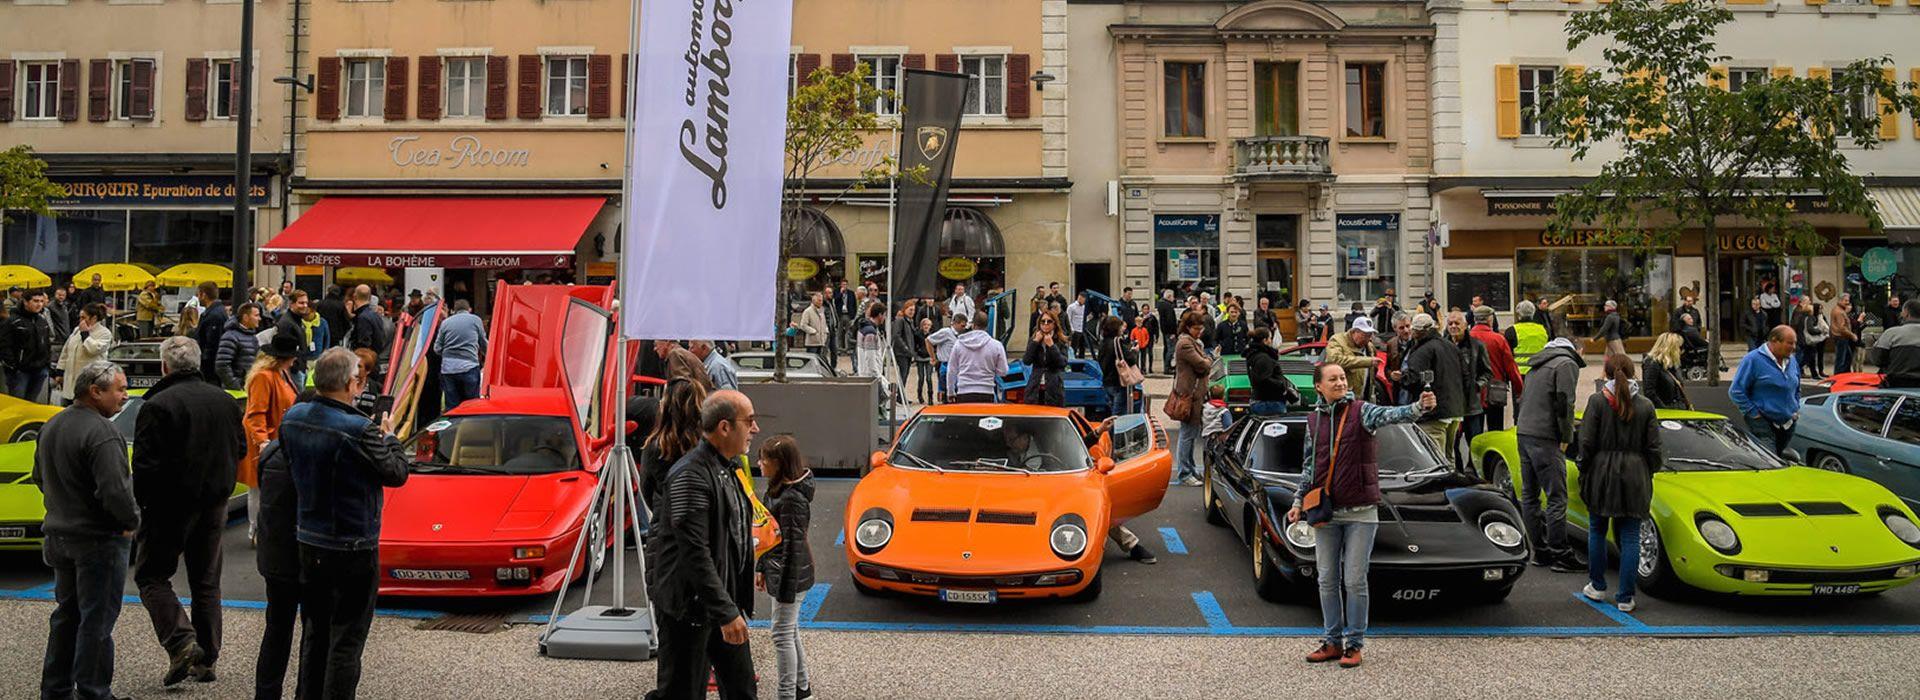 Lamborghini Concorso d'Eleganza